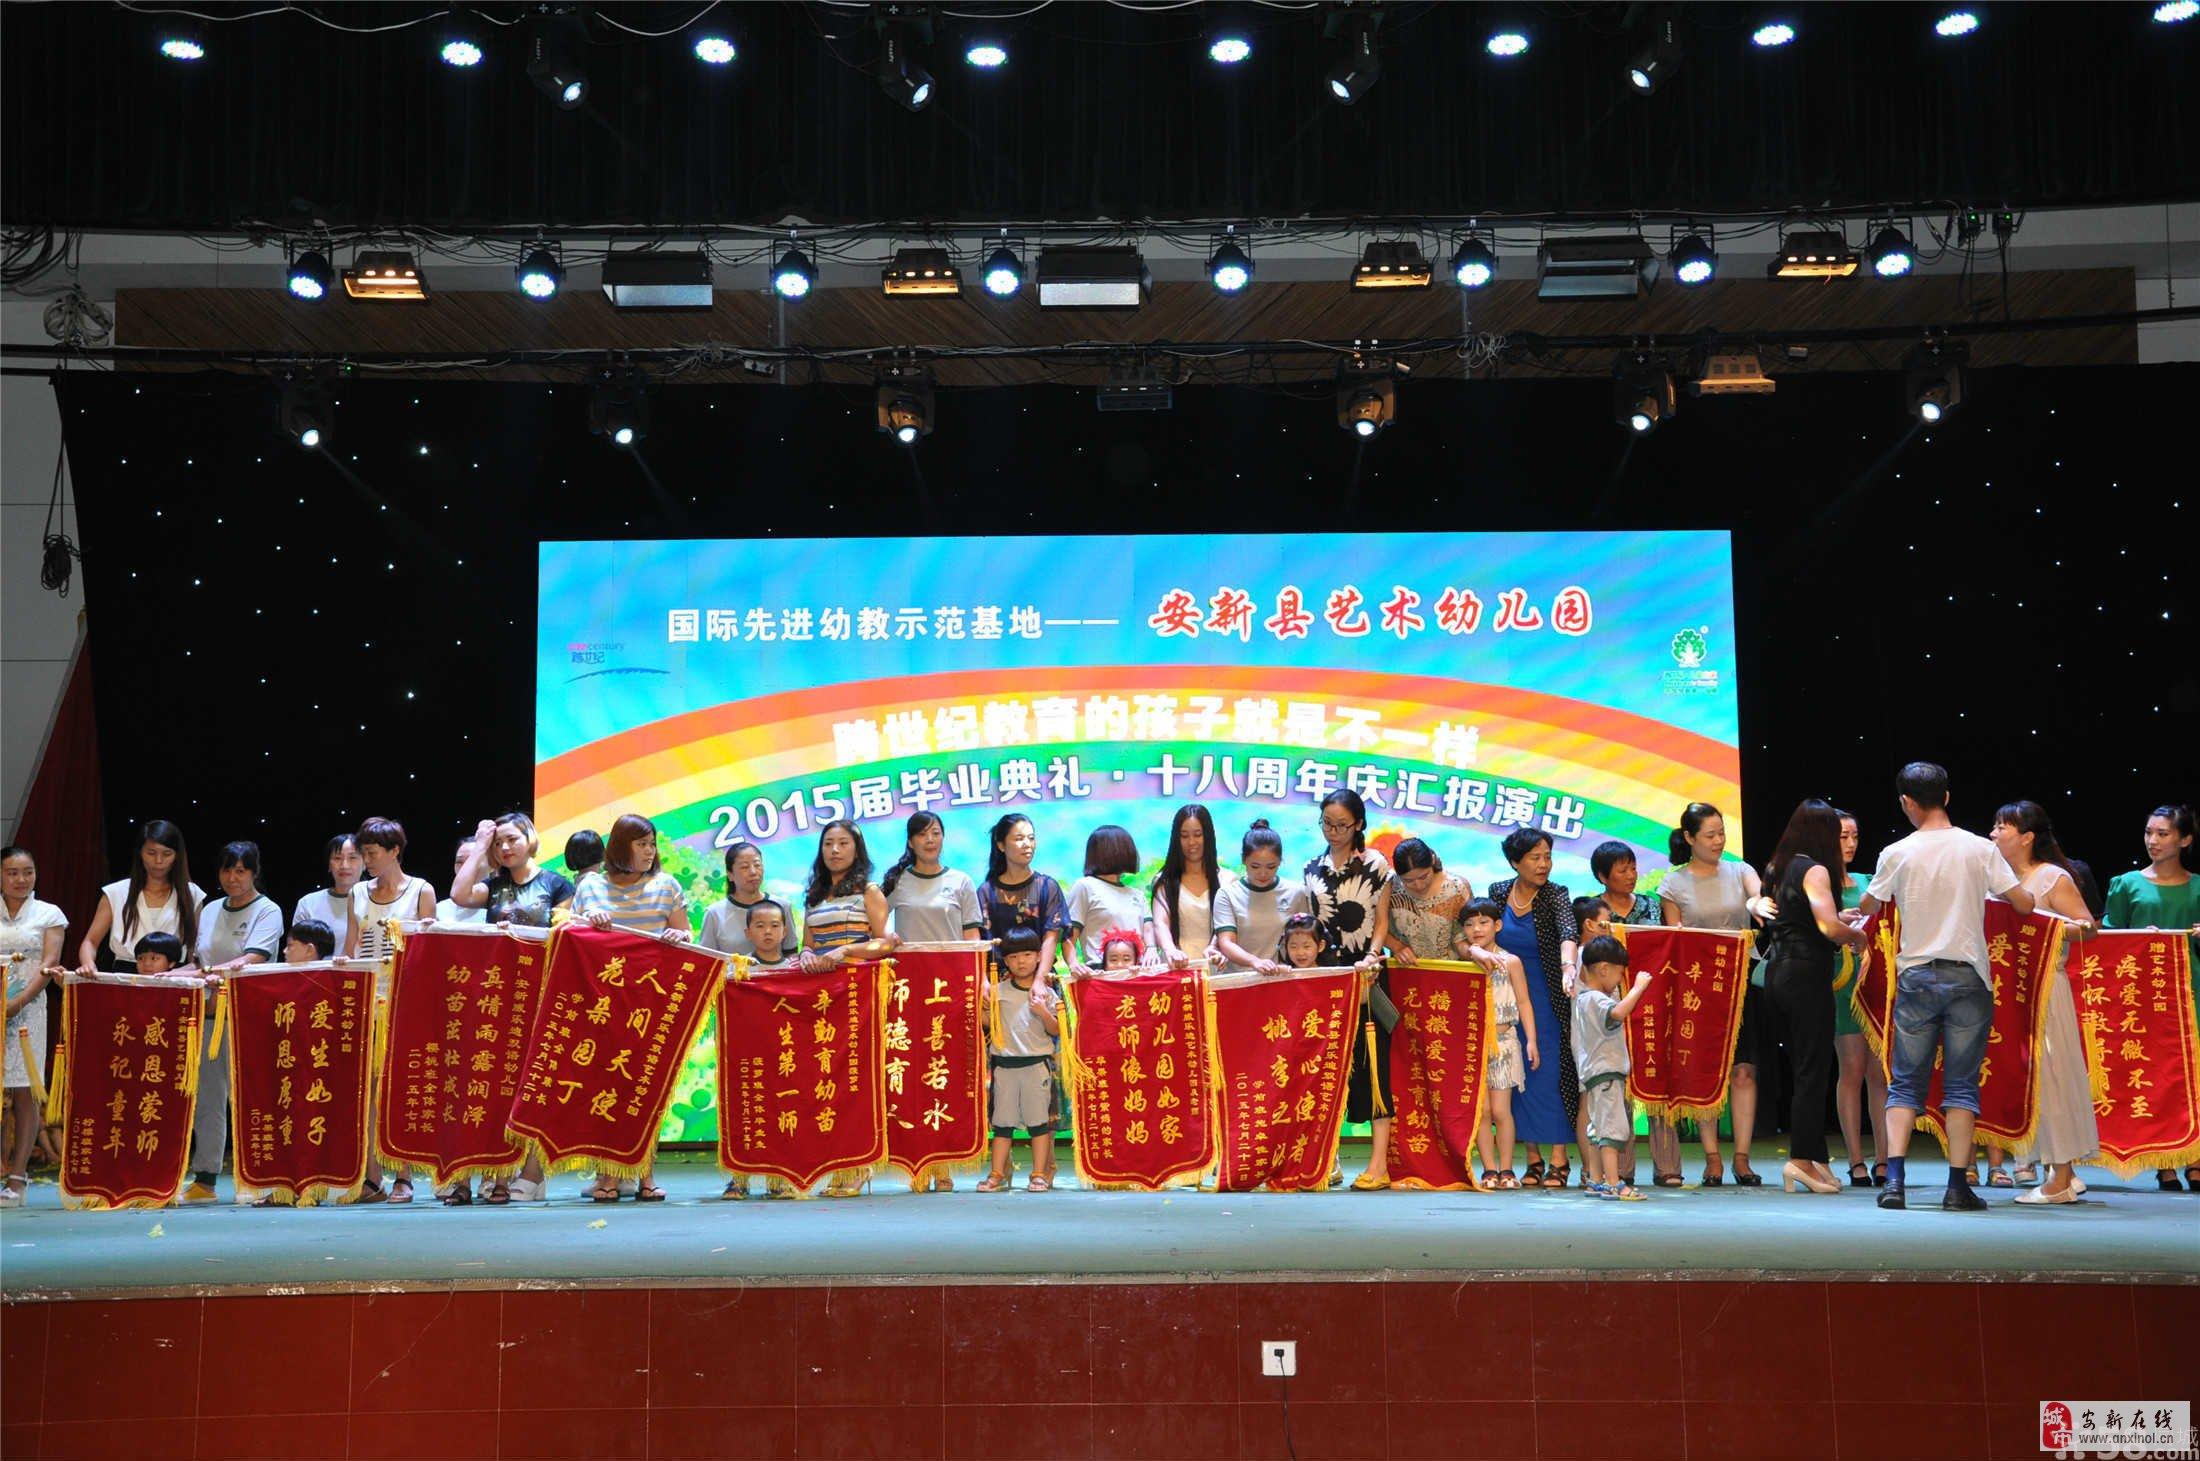 安新县艺术幼儿园招聘厨师及面点师